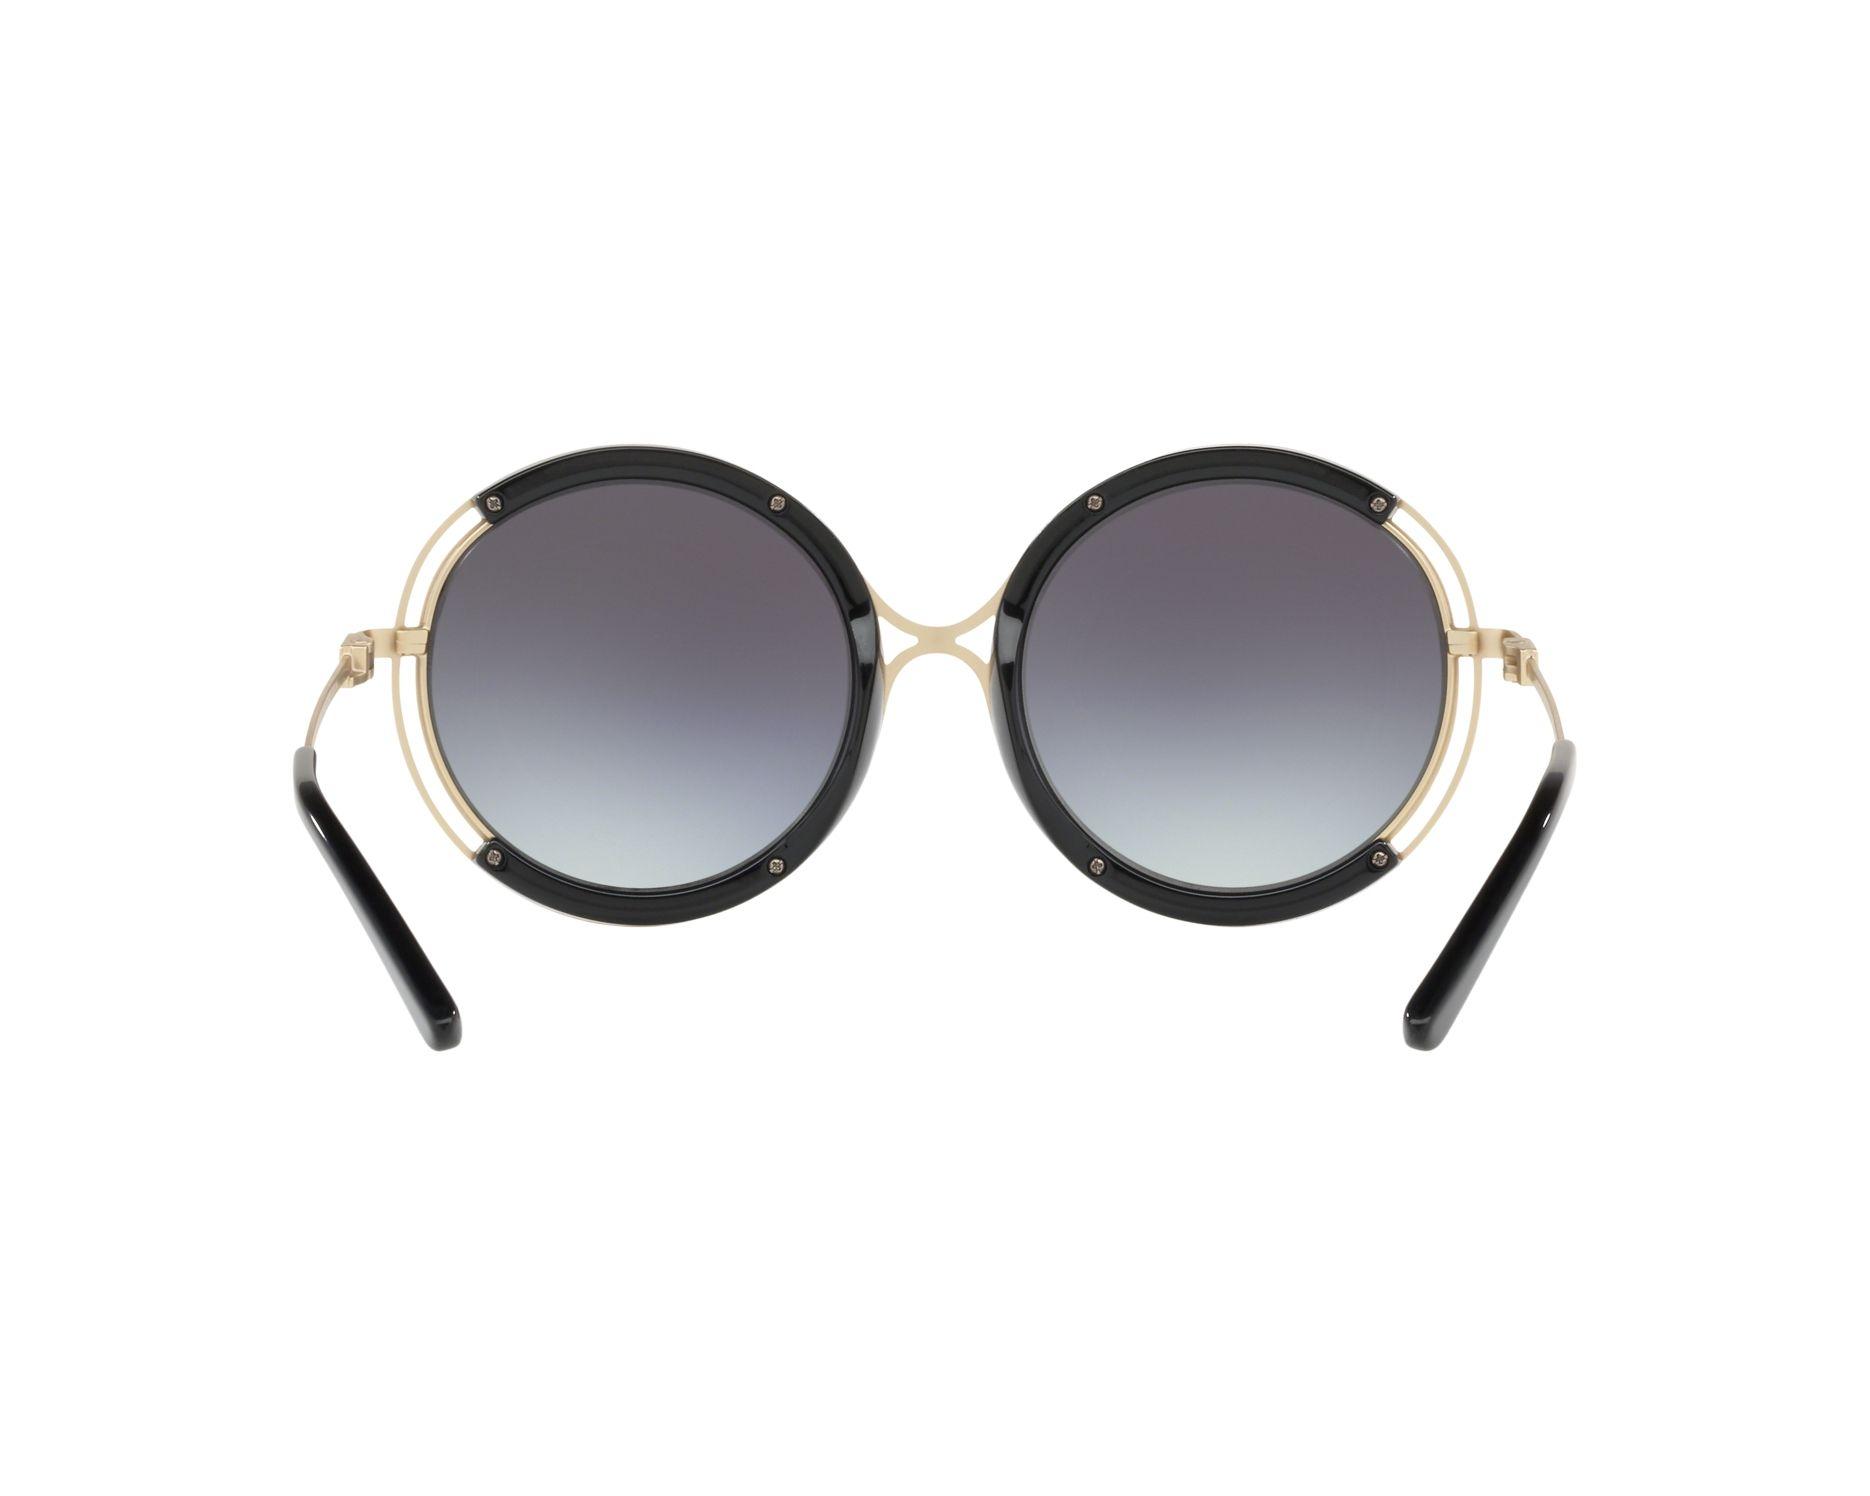 ba7690d2b2a Sunglasses Ralph Lauren RL-7060 93498G 53-20 Gold Black 360 degree view 7